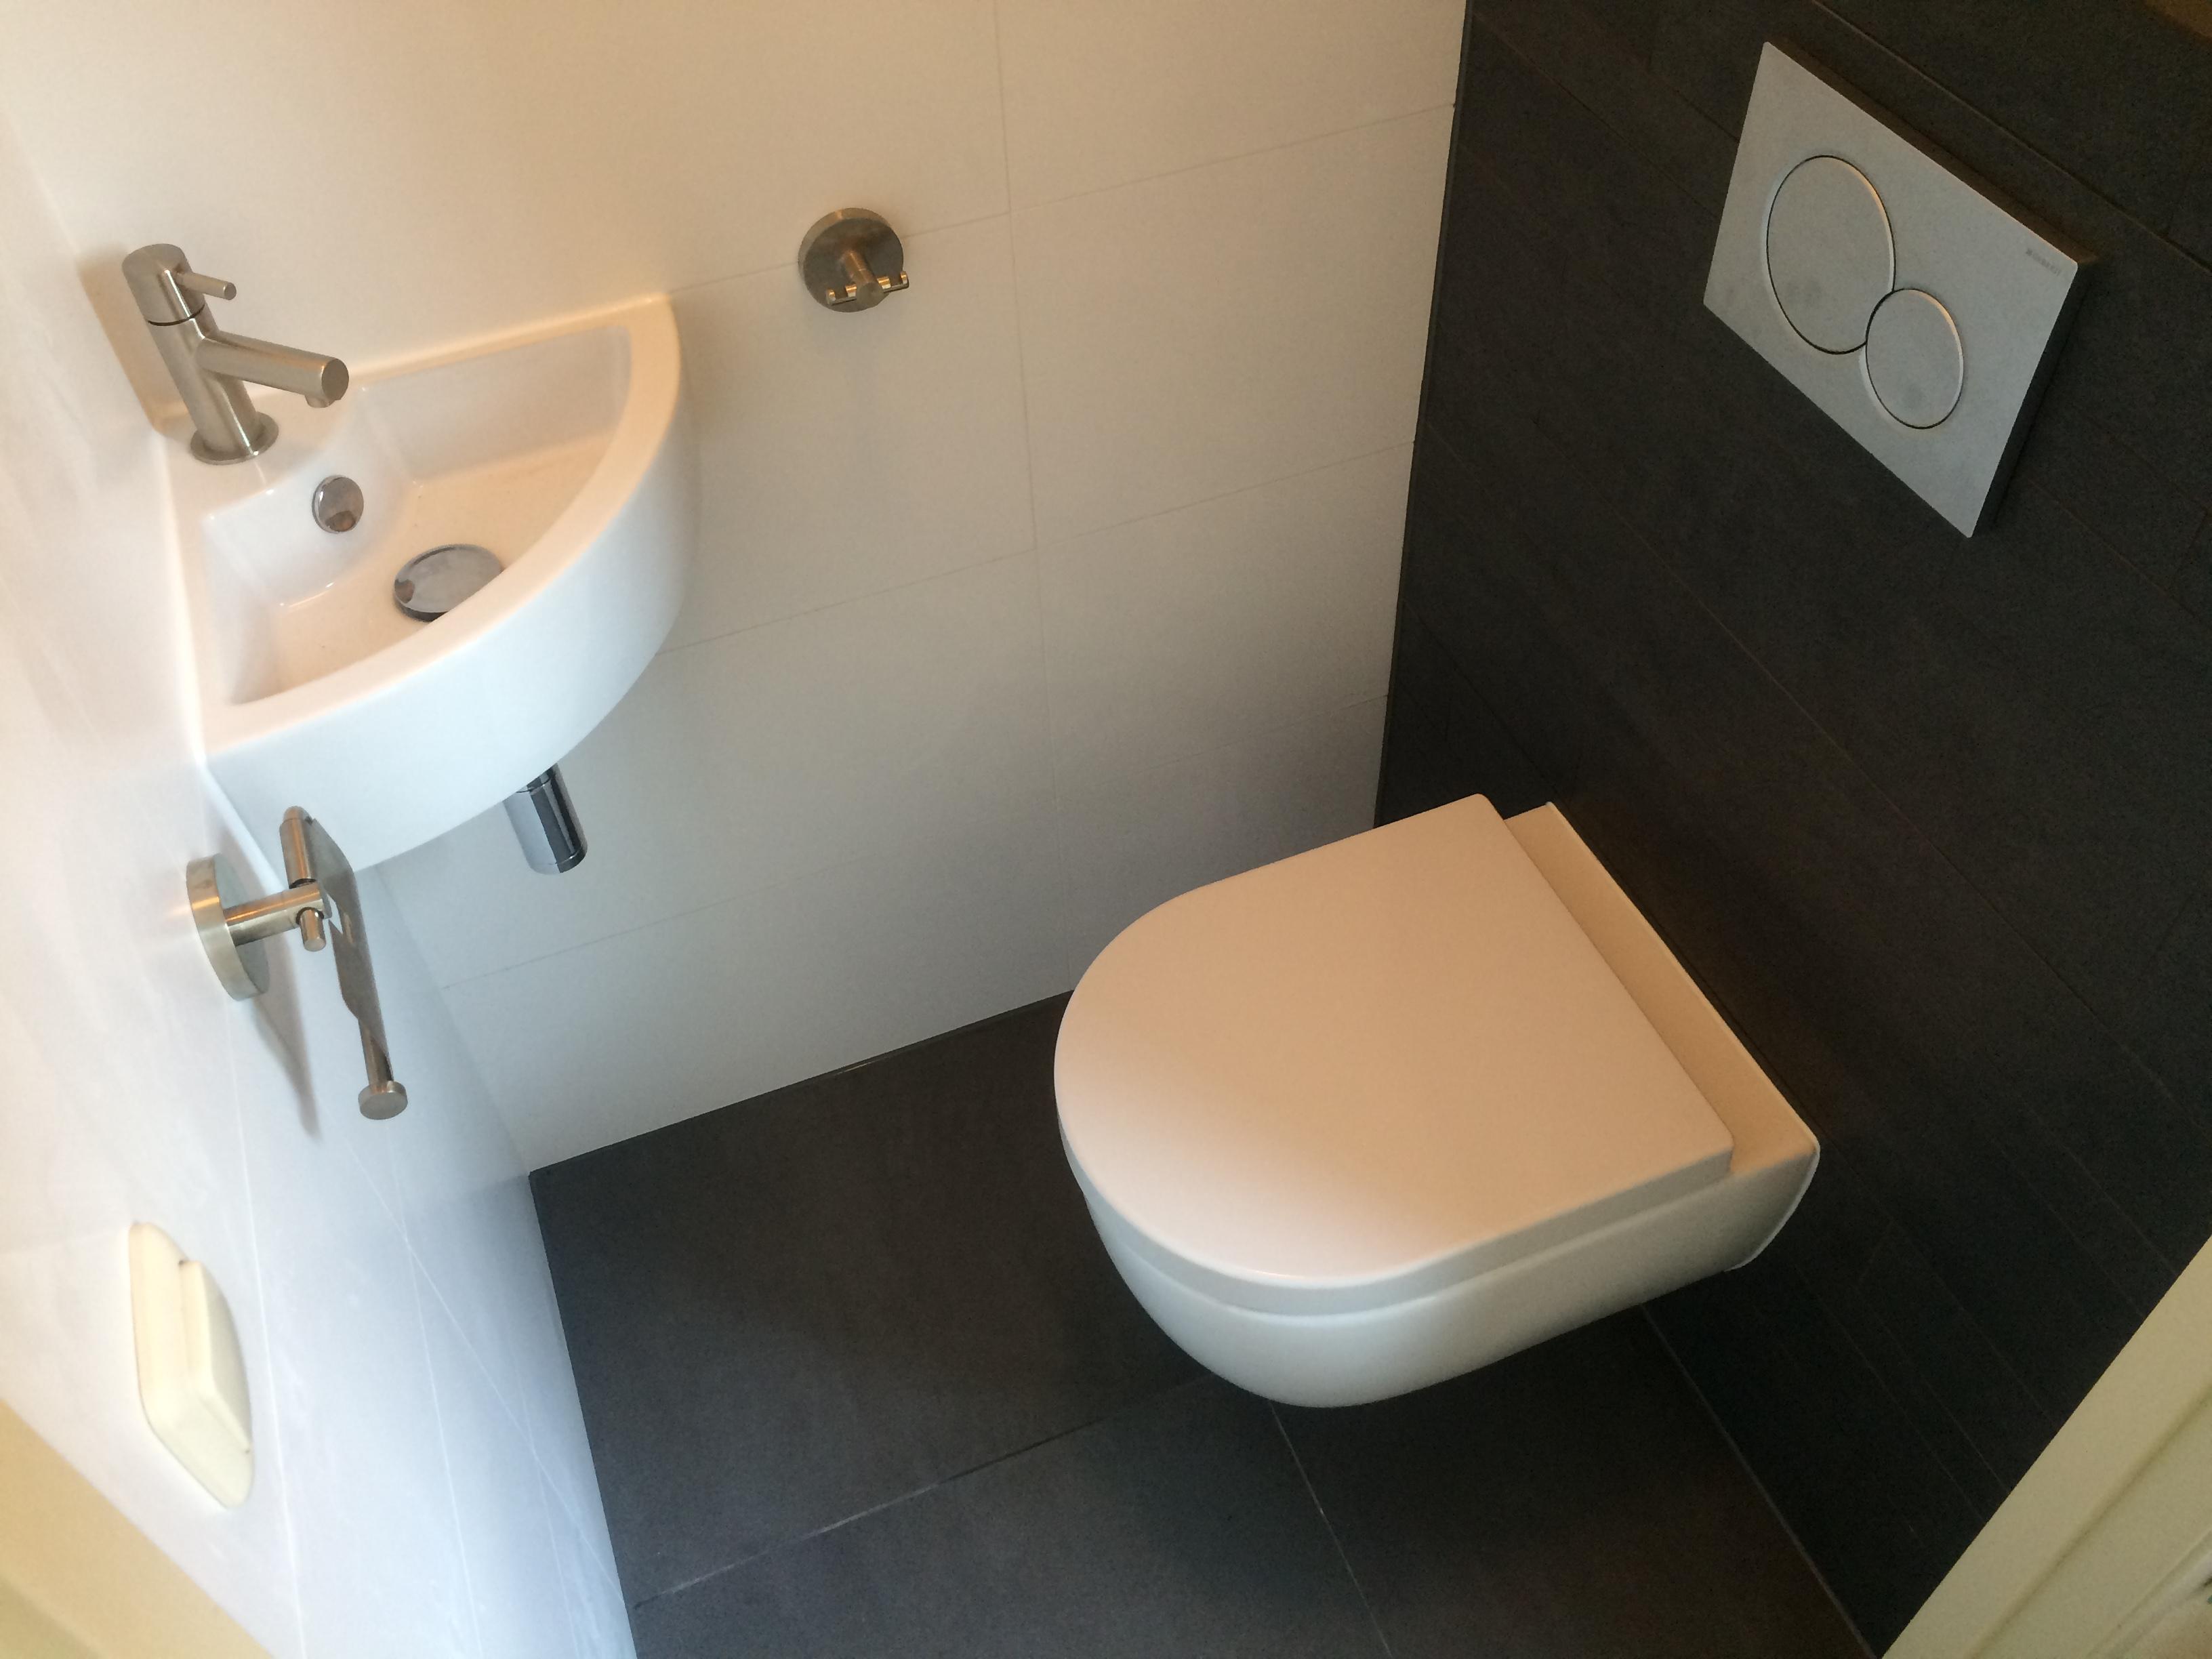 Complete toilet renovatie sanitair tegels en toilet accessoires - Muur tegels voor wc ...